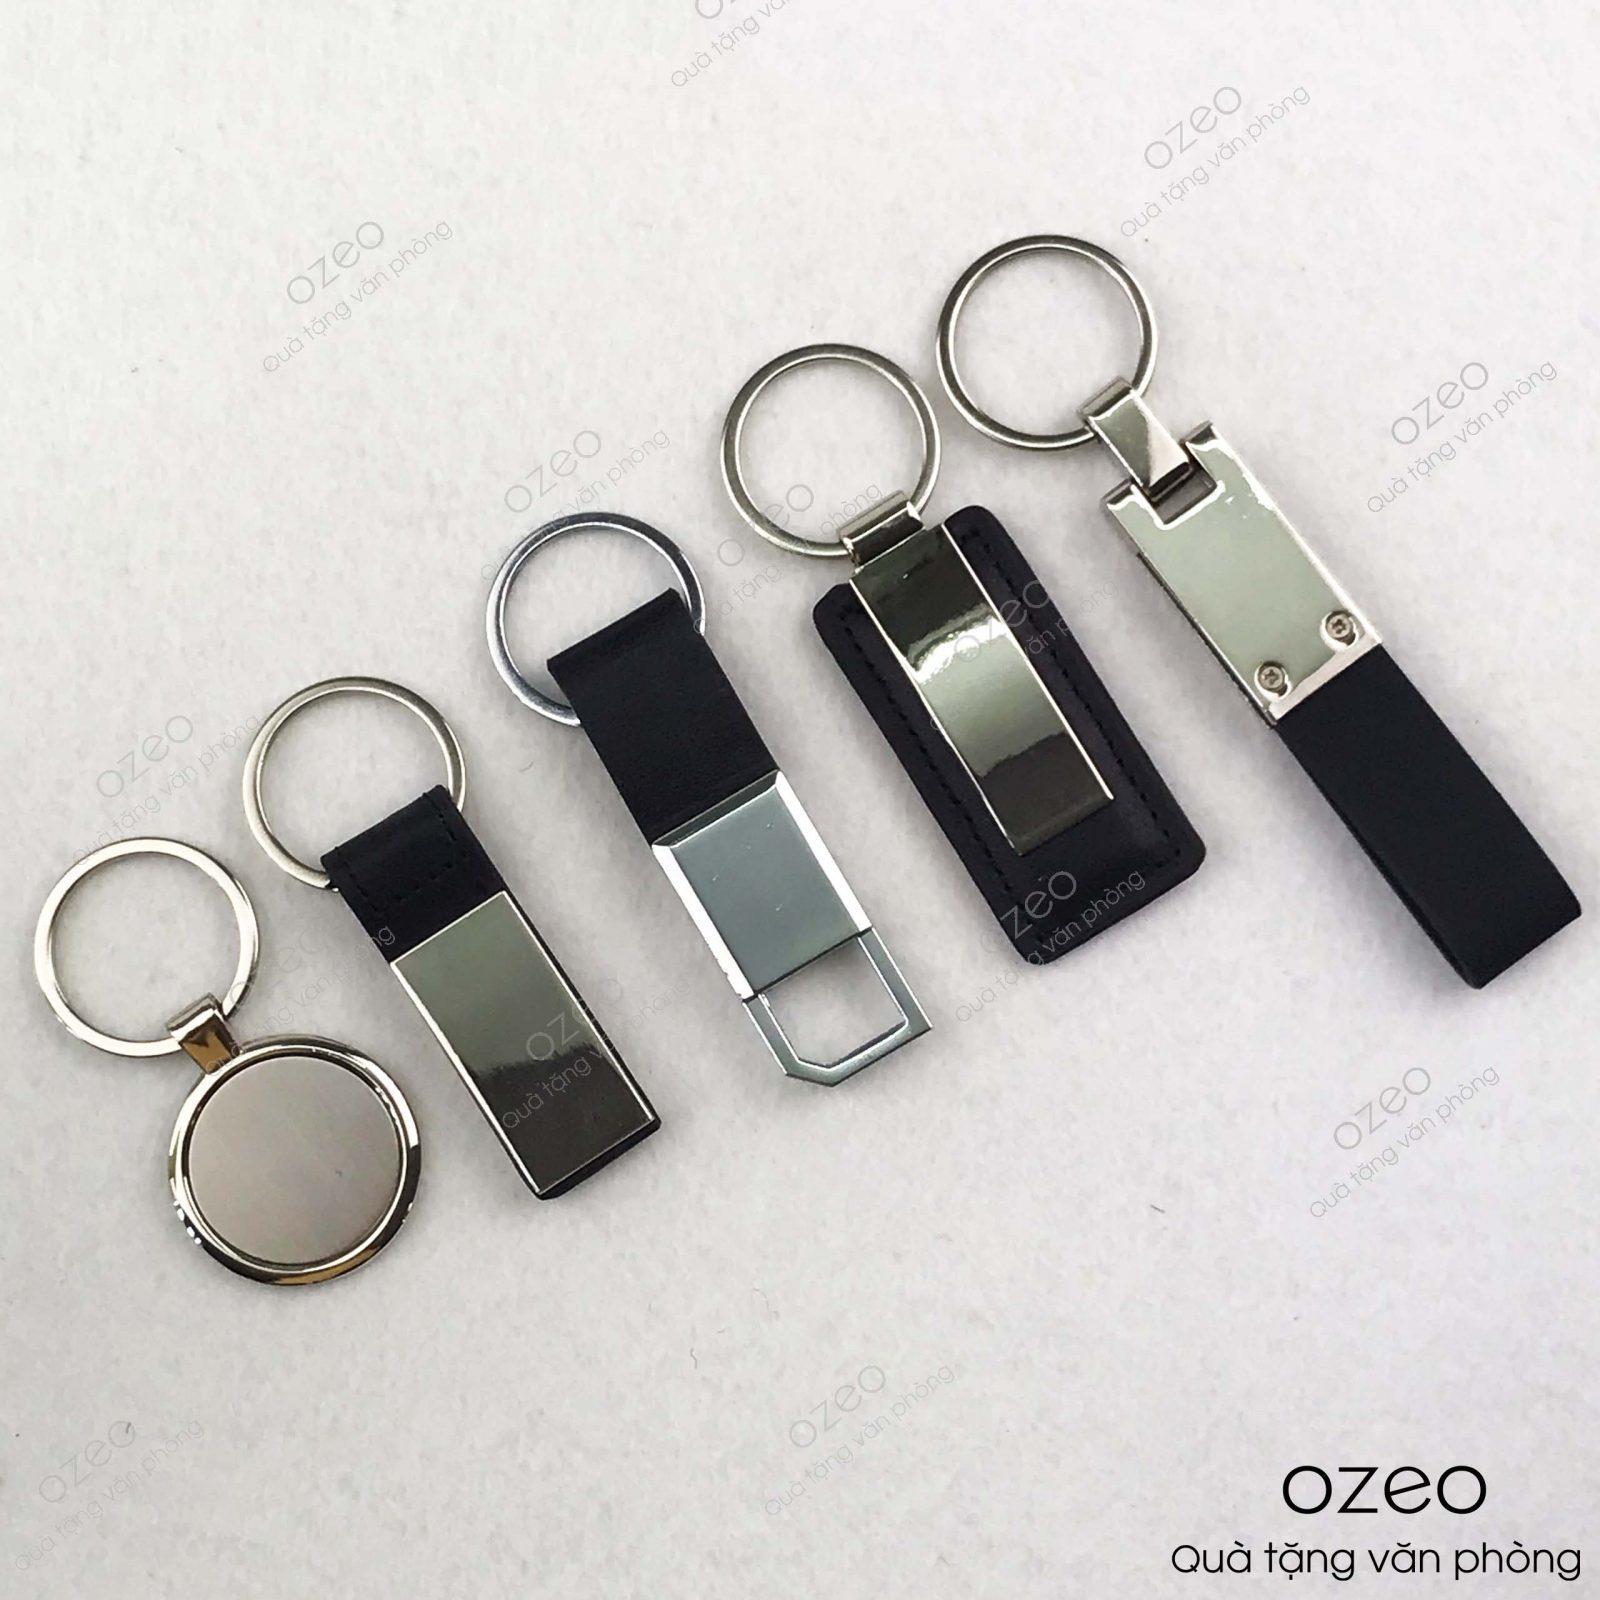 Các mẫu móc khóa kim loại giá rẻ bán chạy nhất hiện nay.